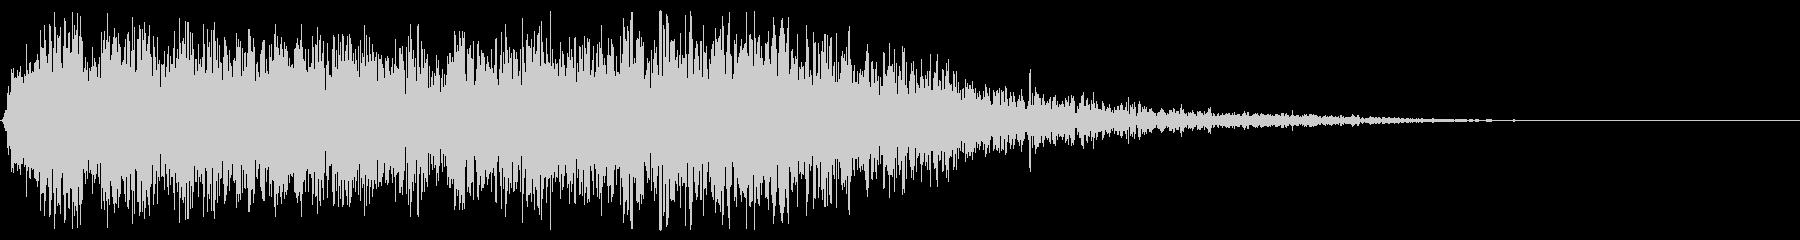 ラッシュスライドによるハードインパクトの未再生の波形